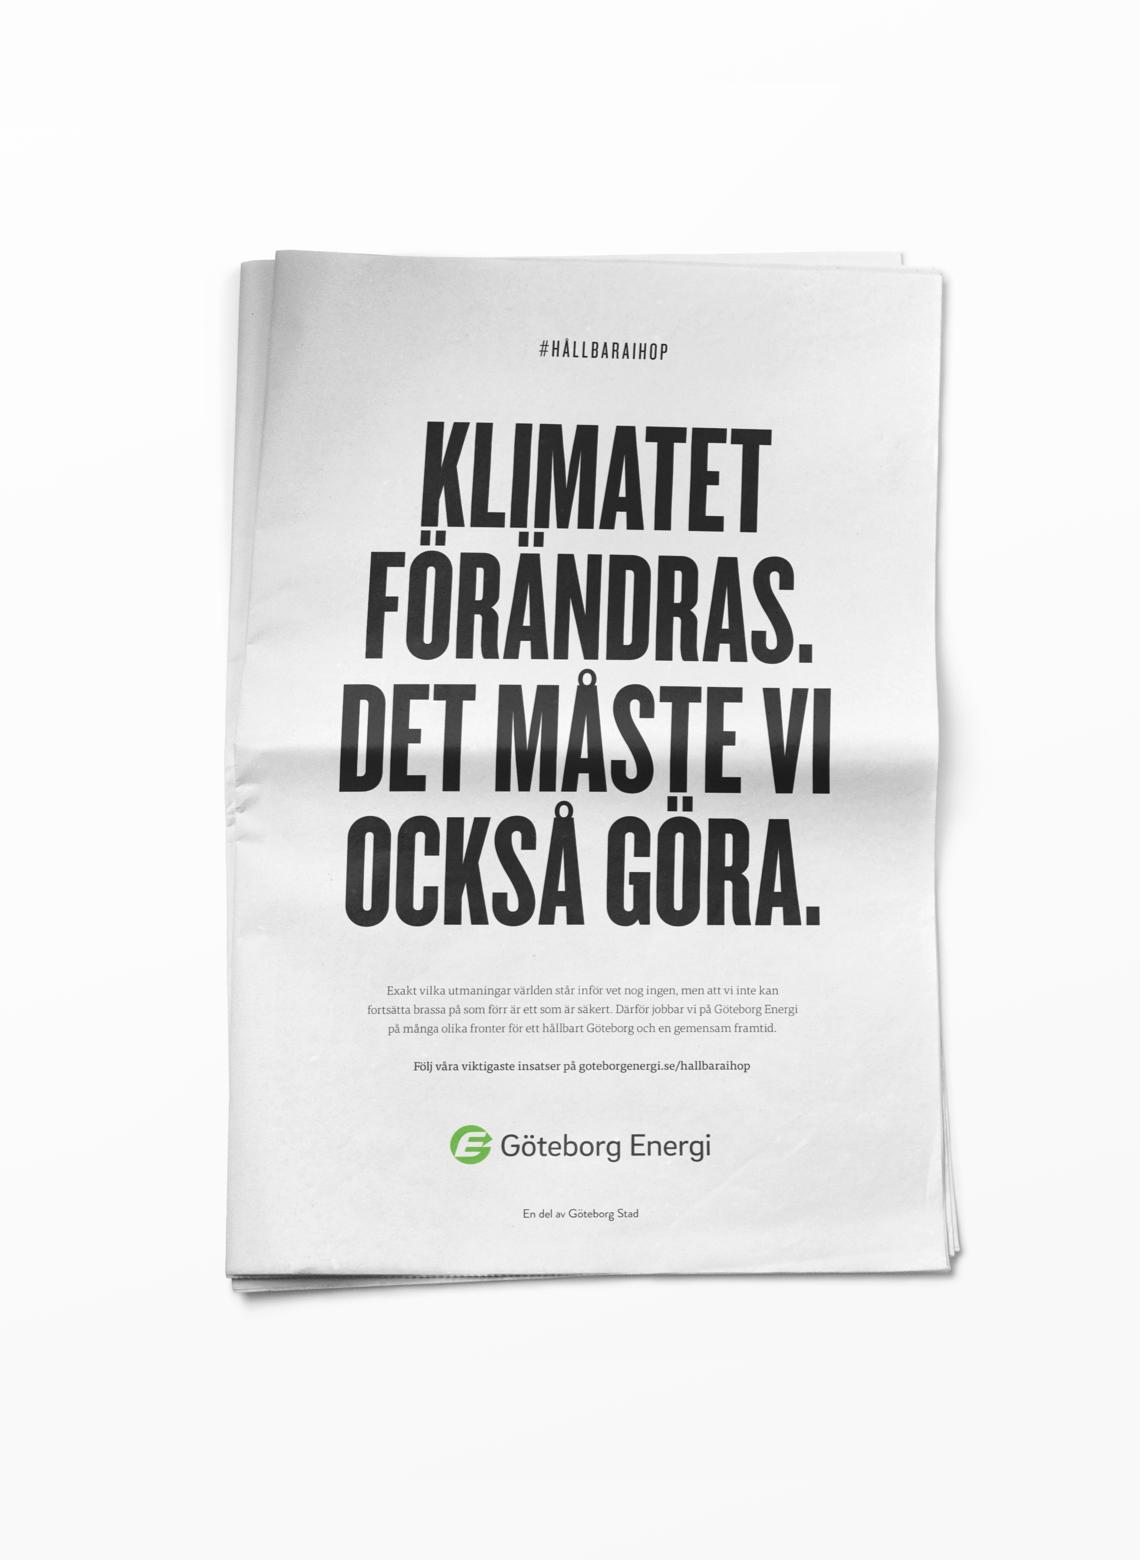 Göteborg Energi Annons